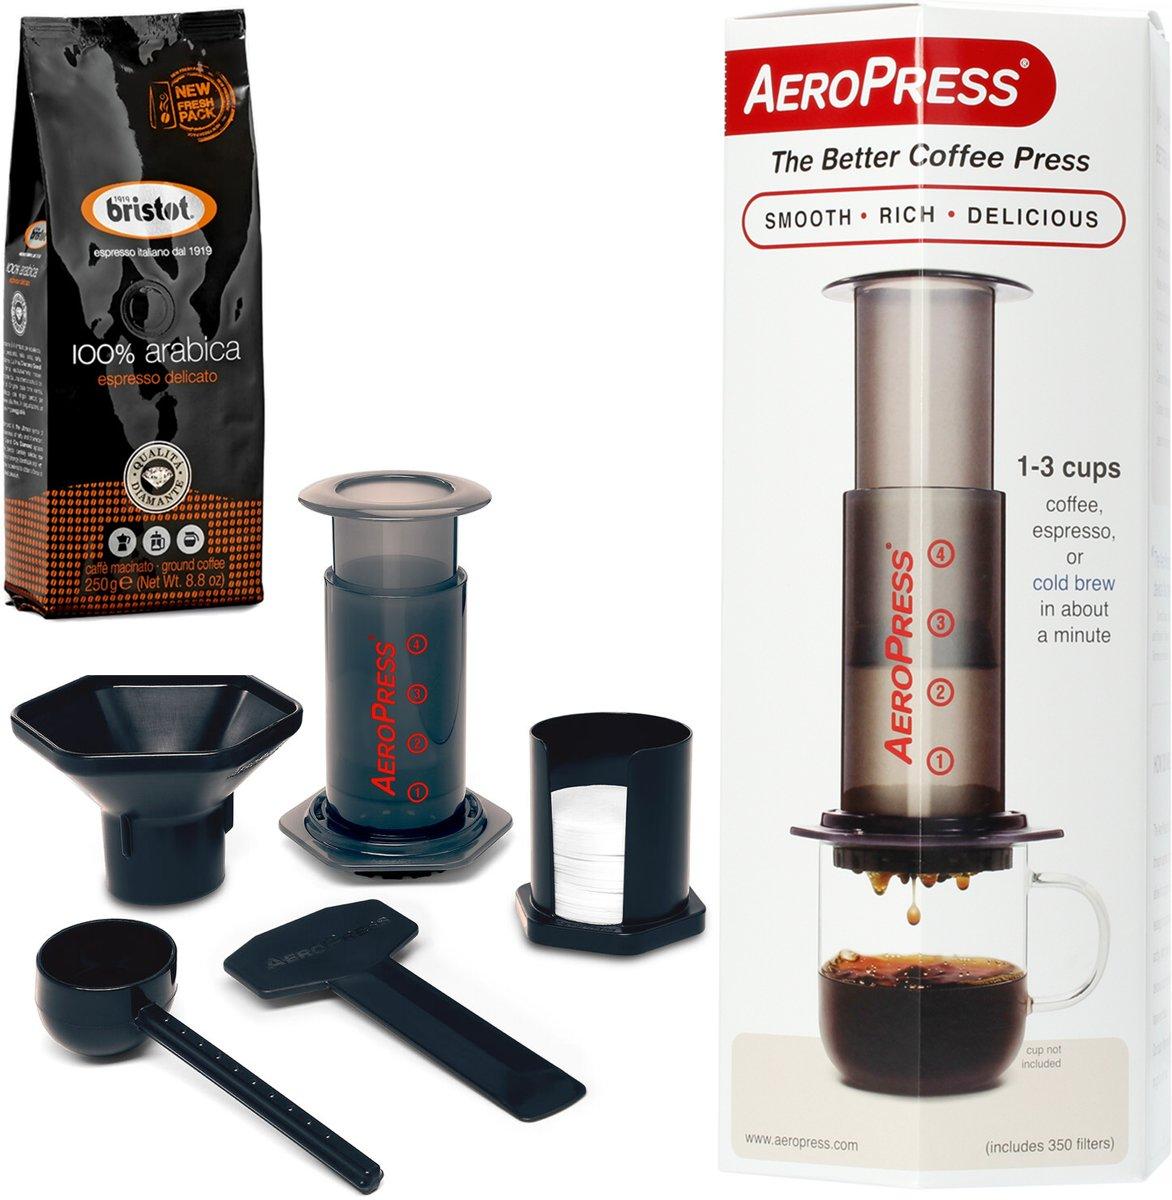 Aeropress Coffee Maker met Bristot 100% Arabica gemalen koffie 250gr kopen